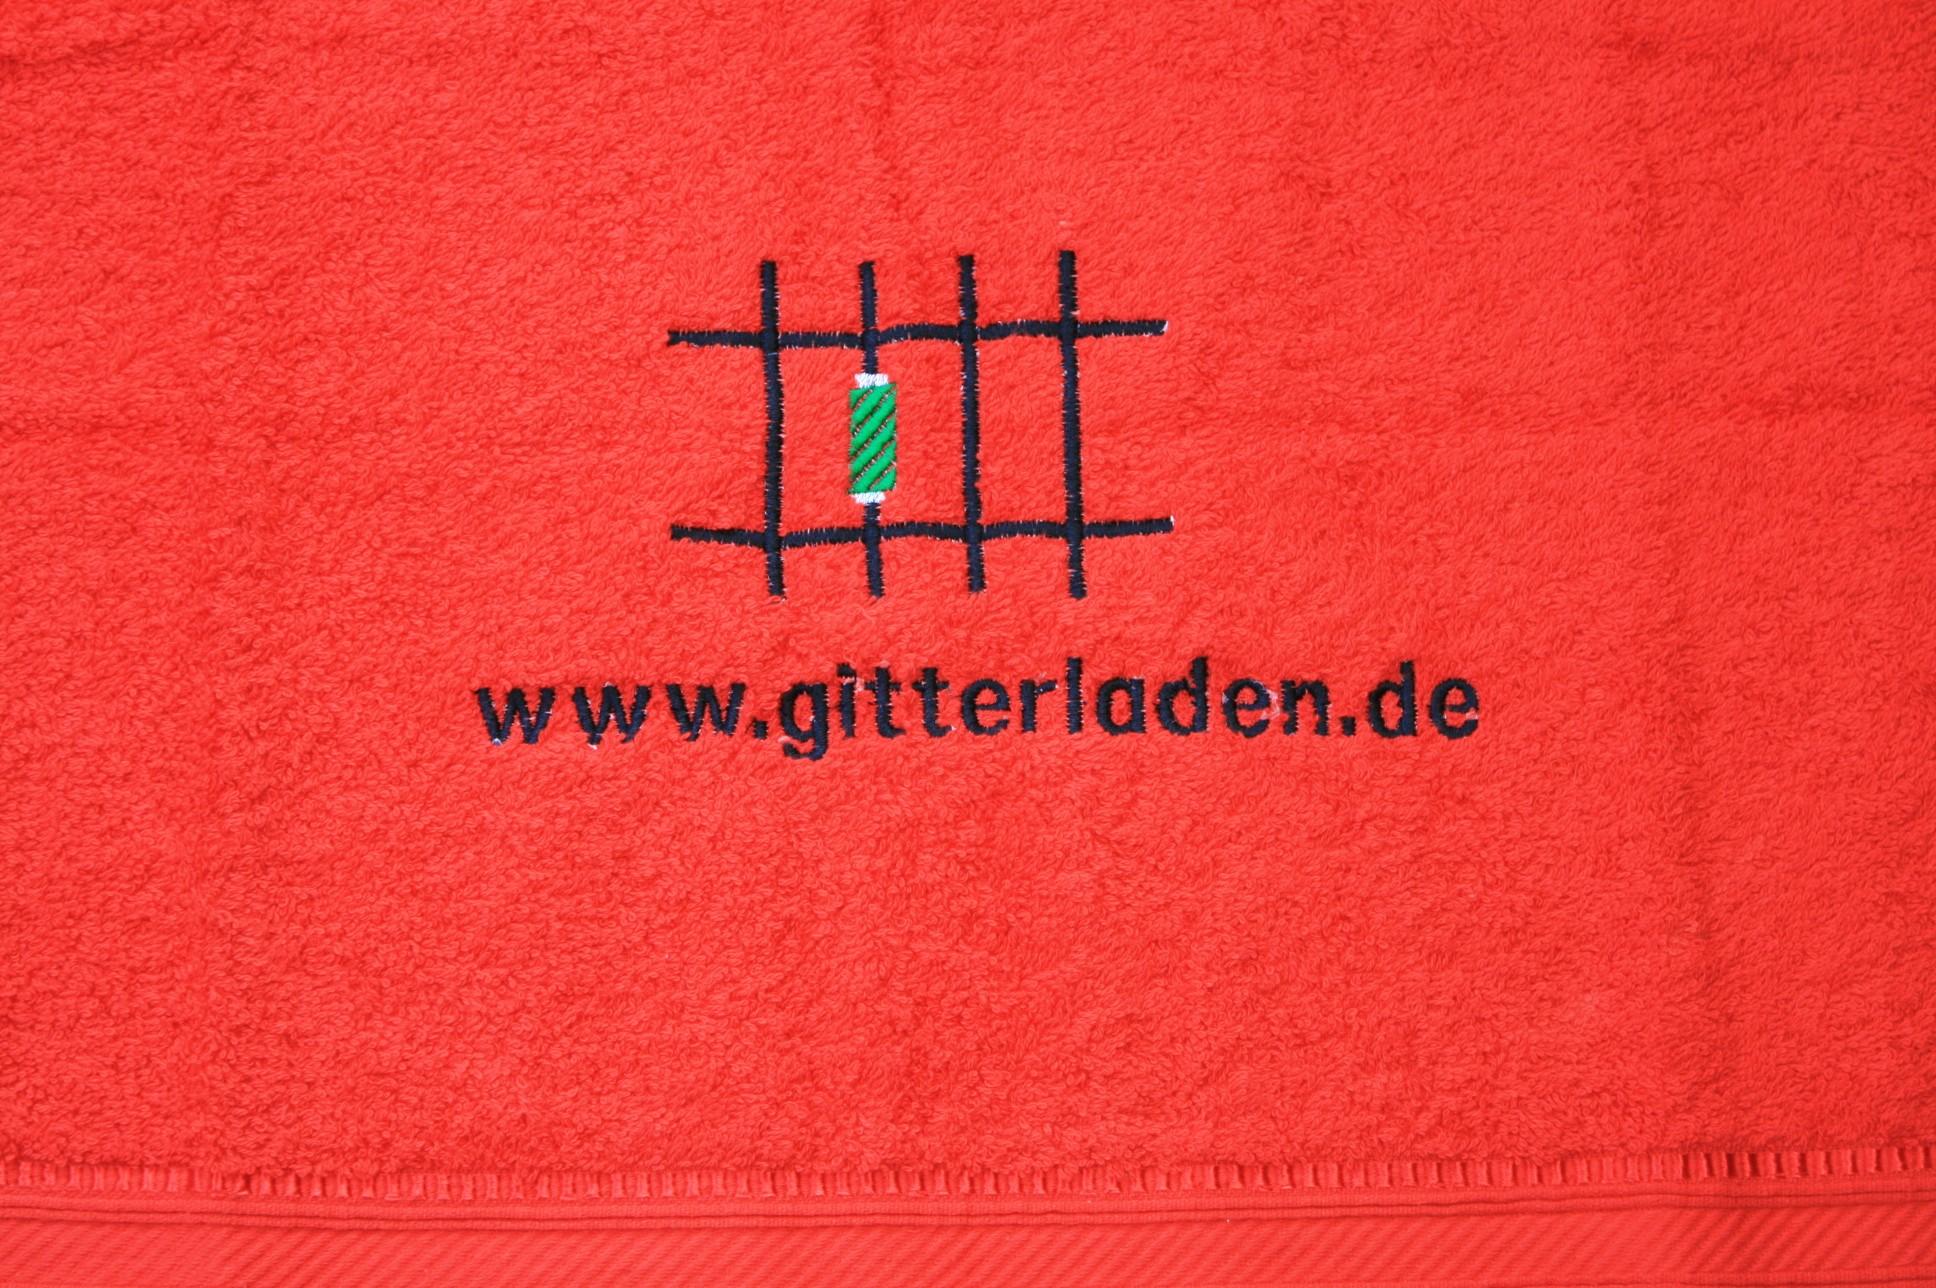 Handtuch Motiv Gitterladen